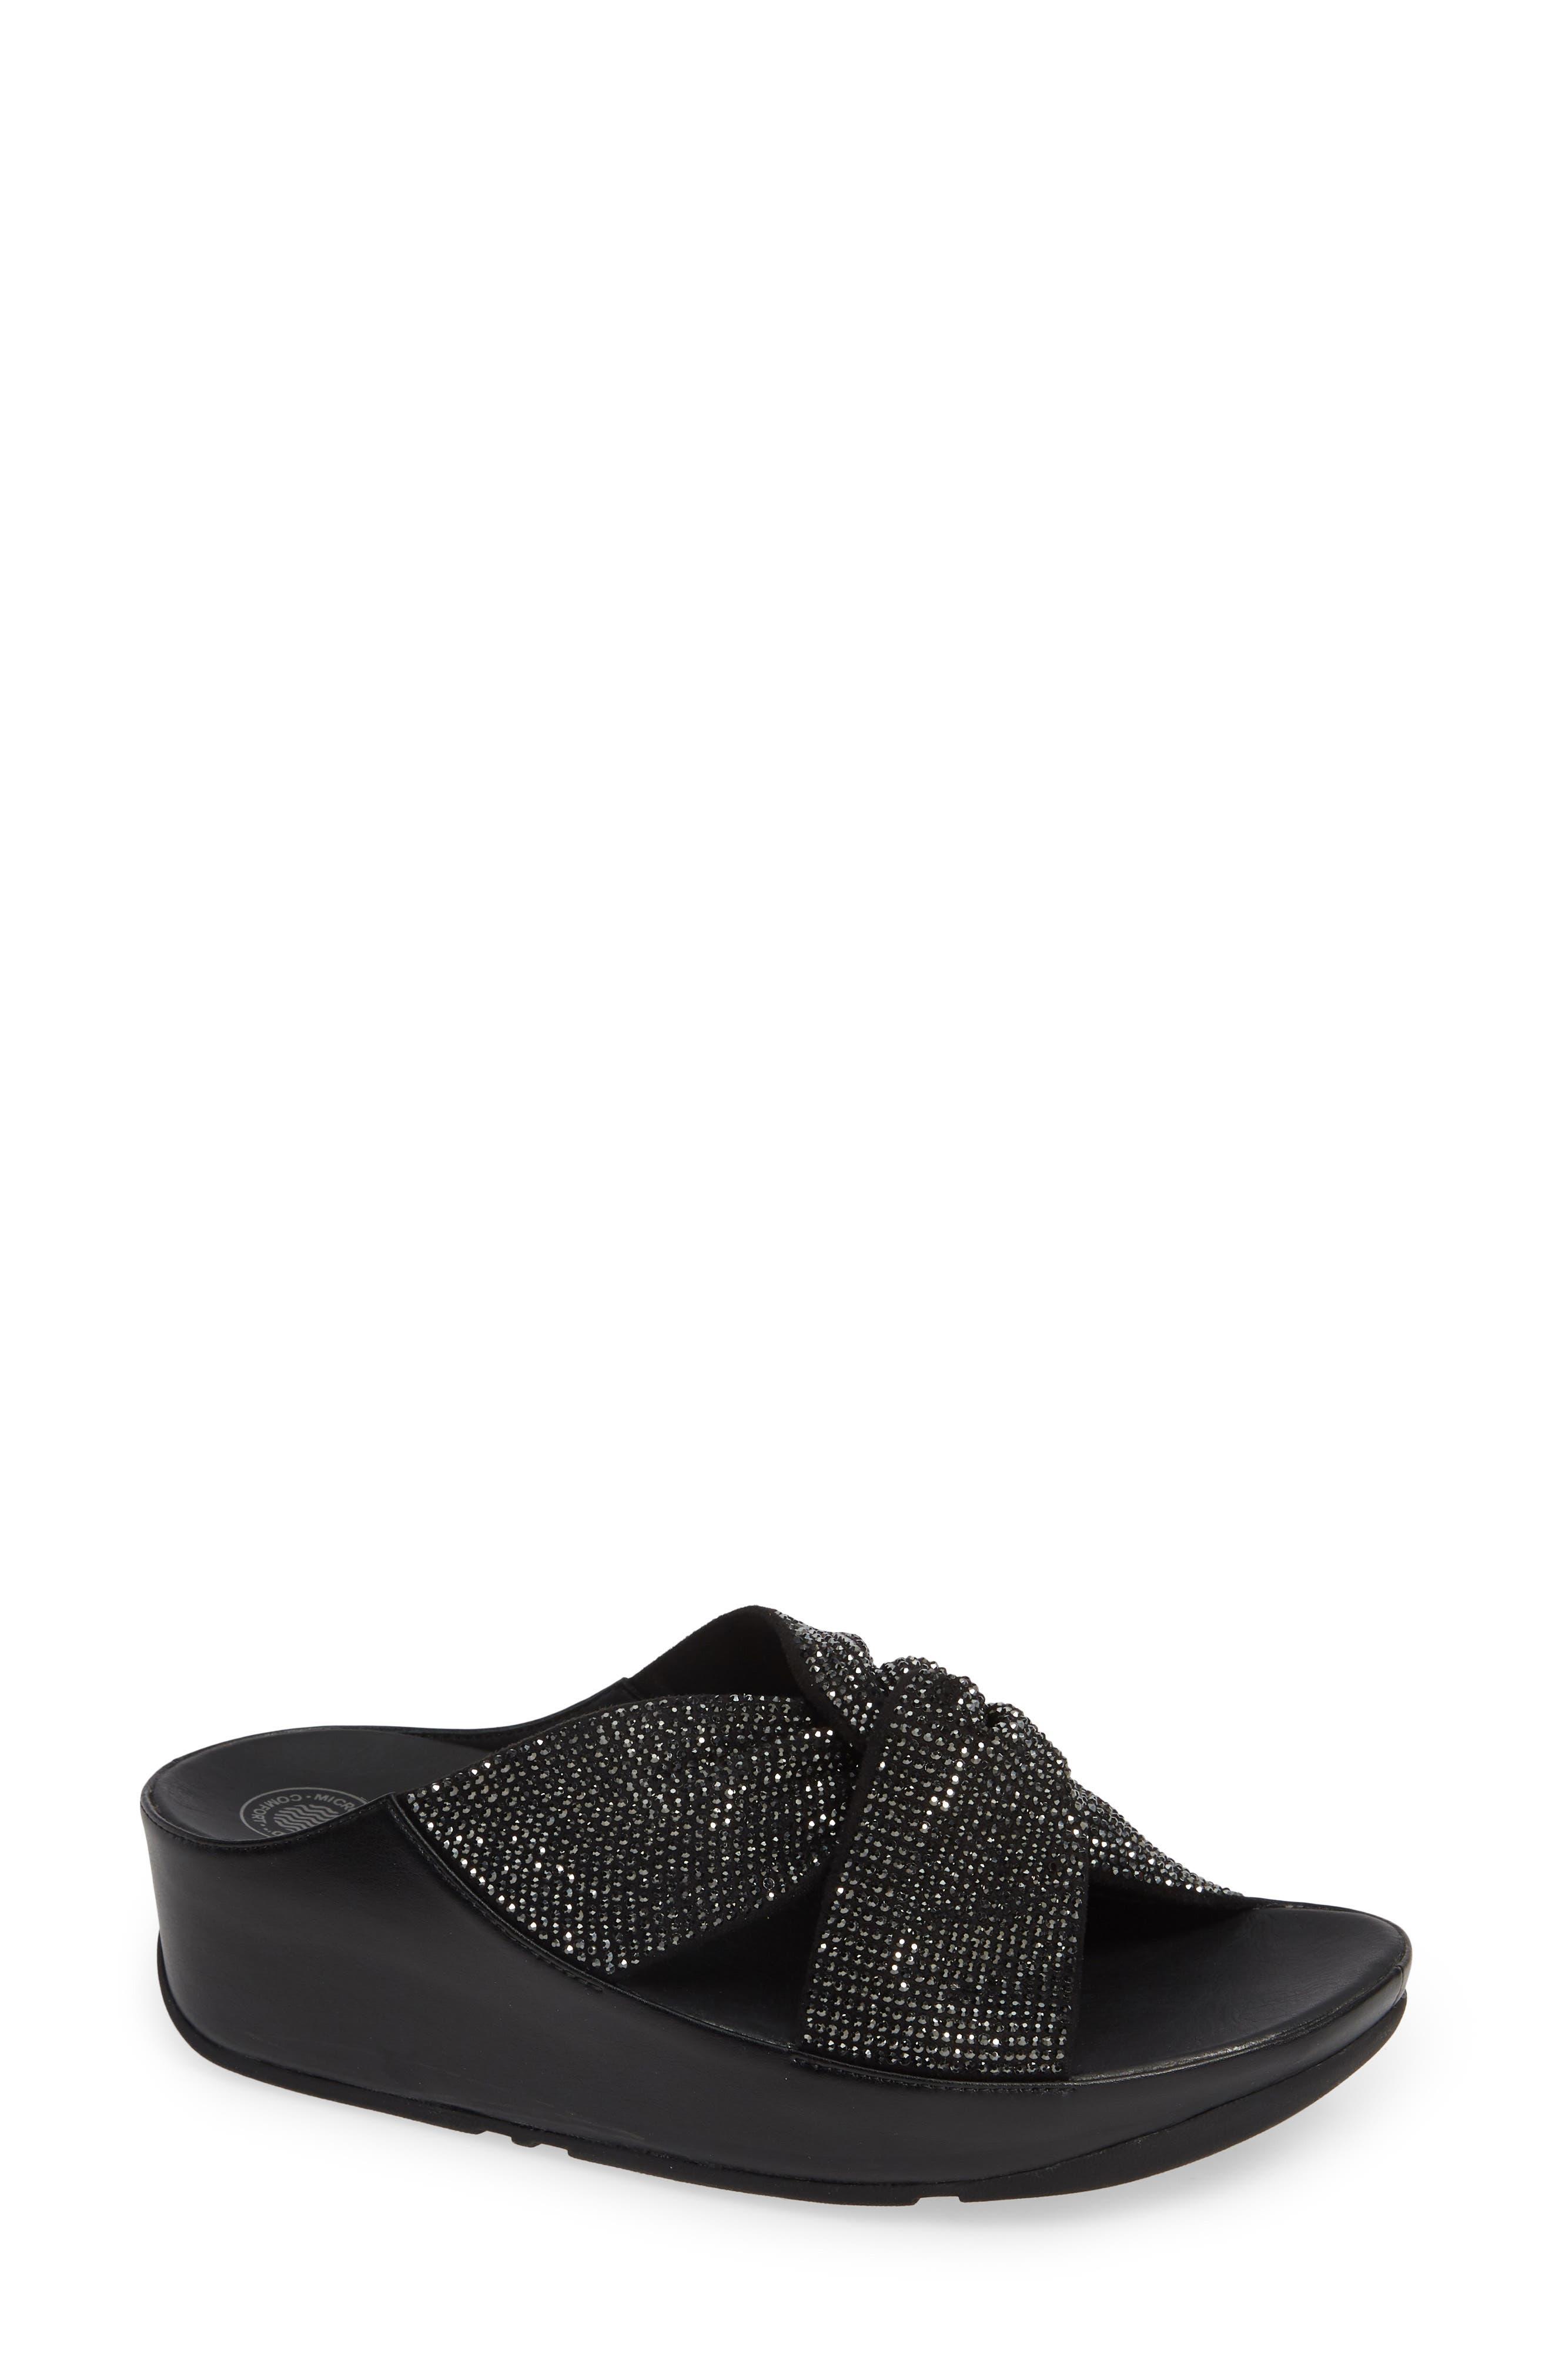 FITFLOP Twiss Crystal Embellished Slide Sandal, Main, color, BLACK FABRIC